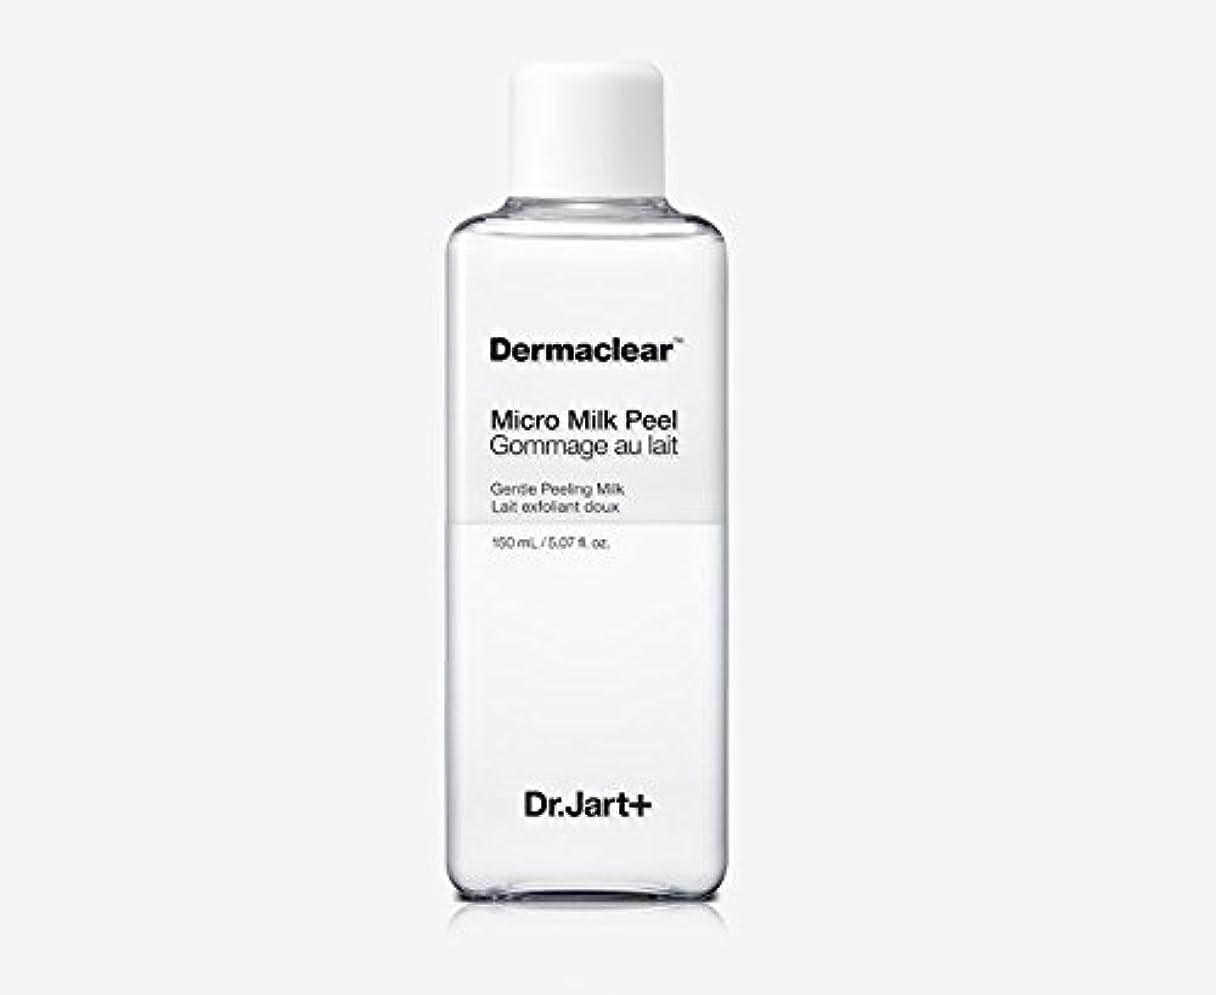 しつけメアリアンジョーンズ聴覚障害者[ドクタージャルト]Dermaclear Micro Milk Peel 150ml/[ドクタージャルト]ダーマクリアマイクロミルクピール150ml [並行輸入品]